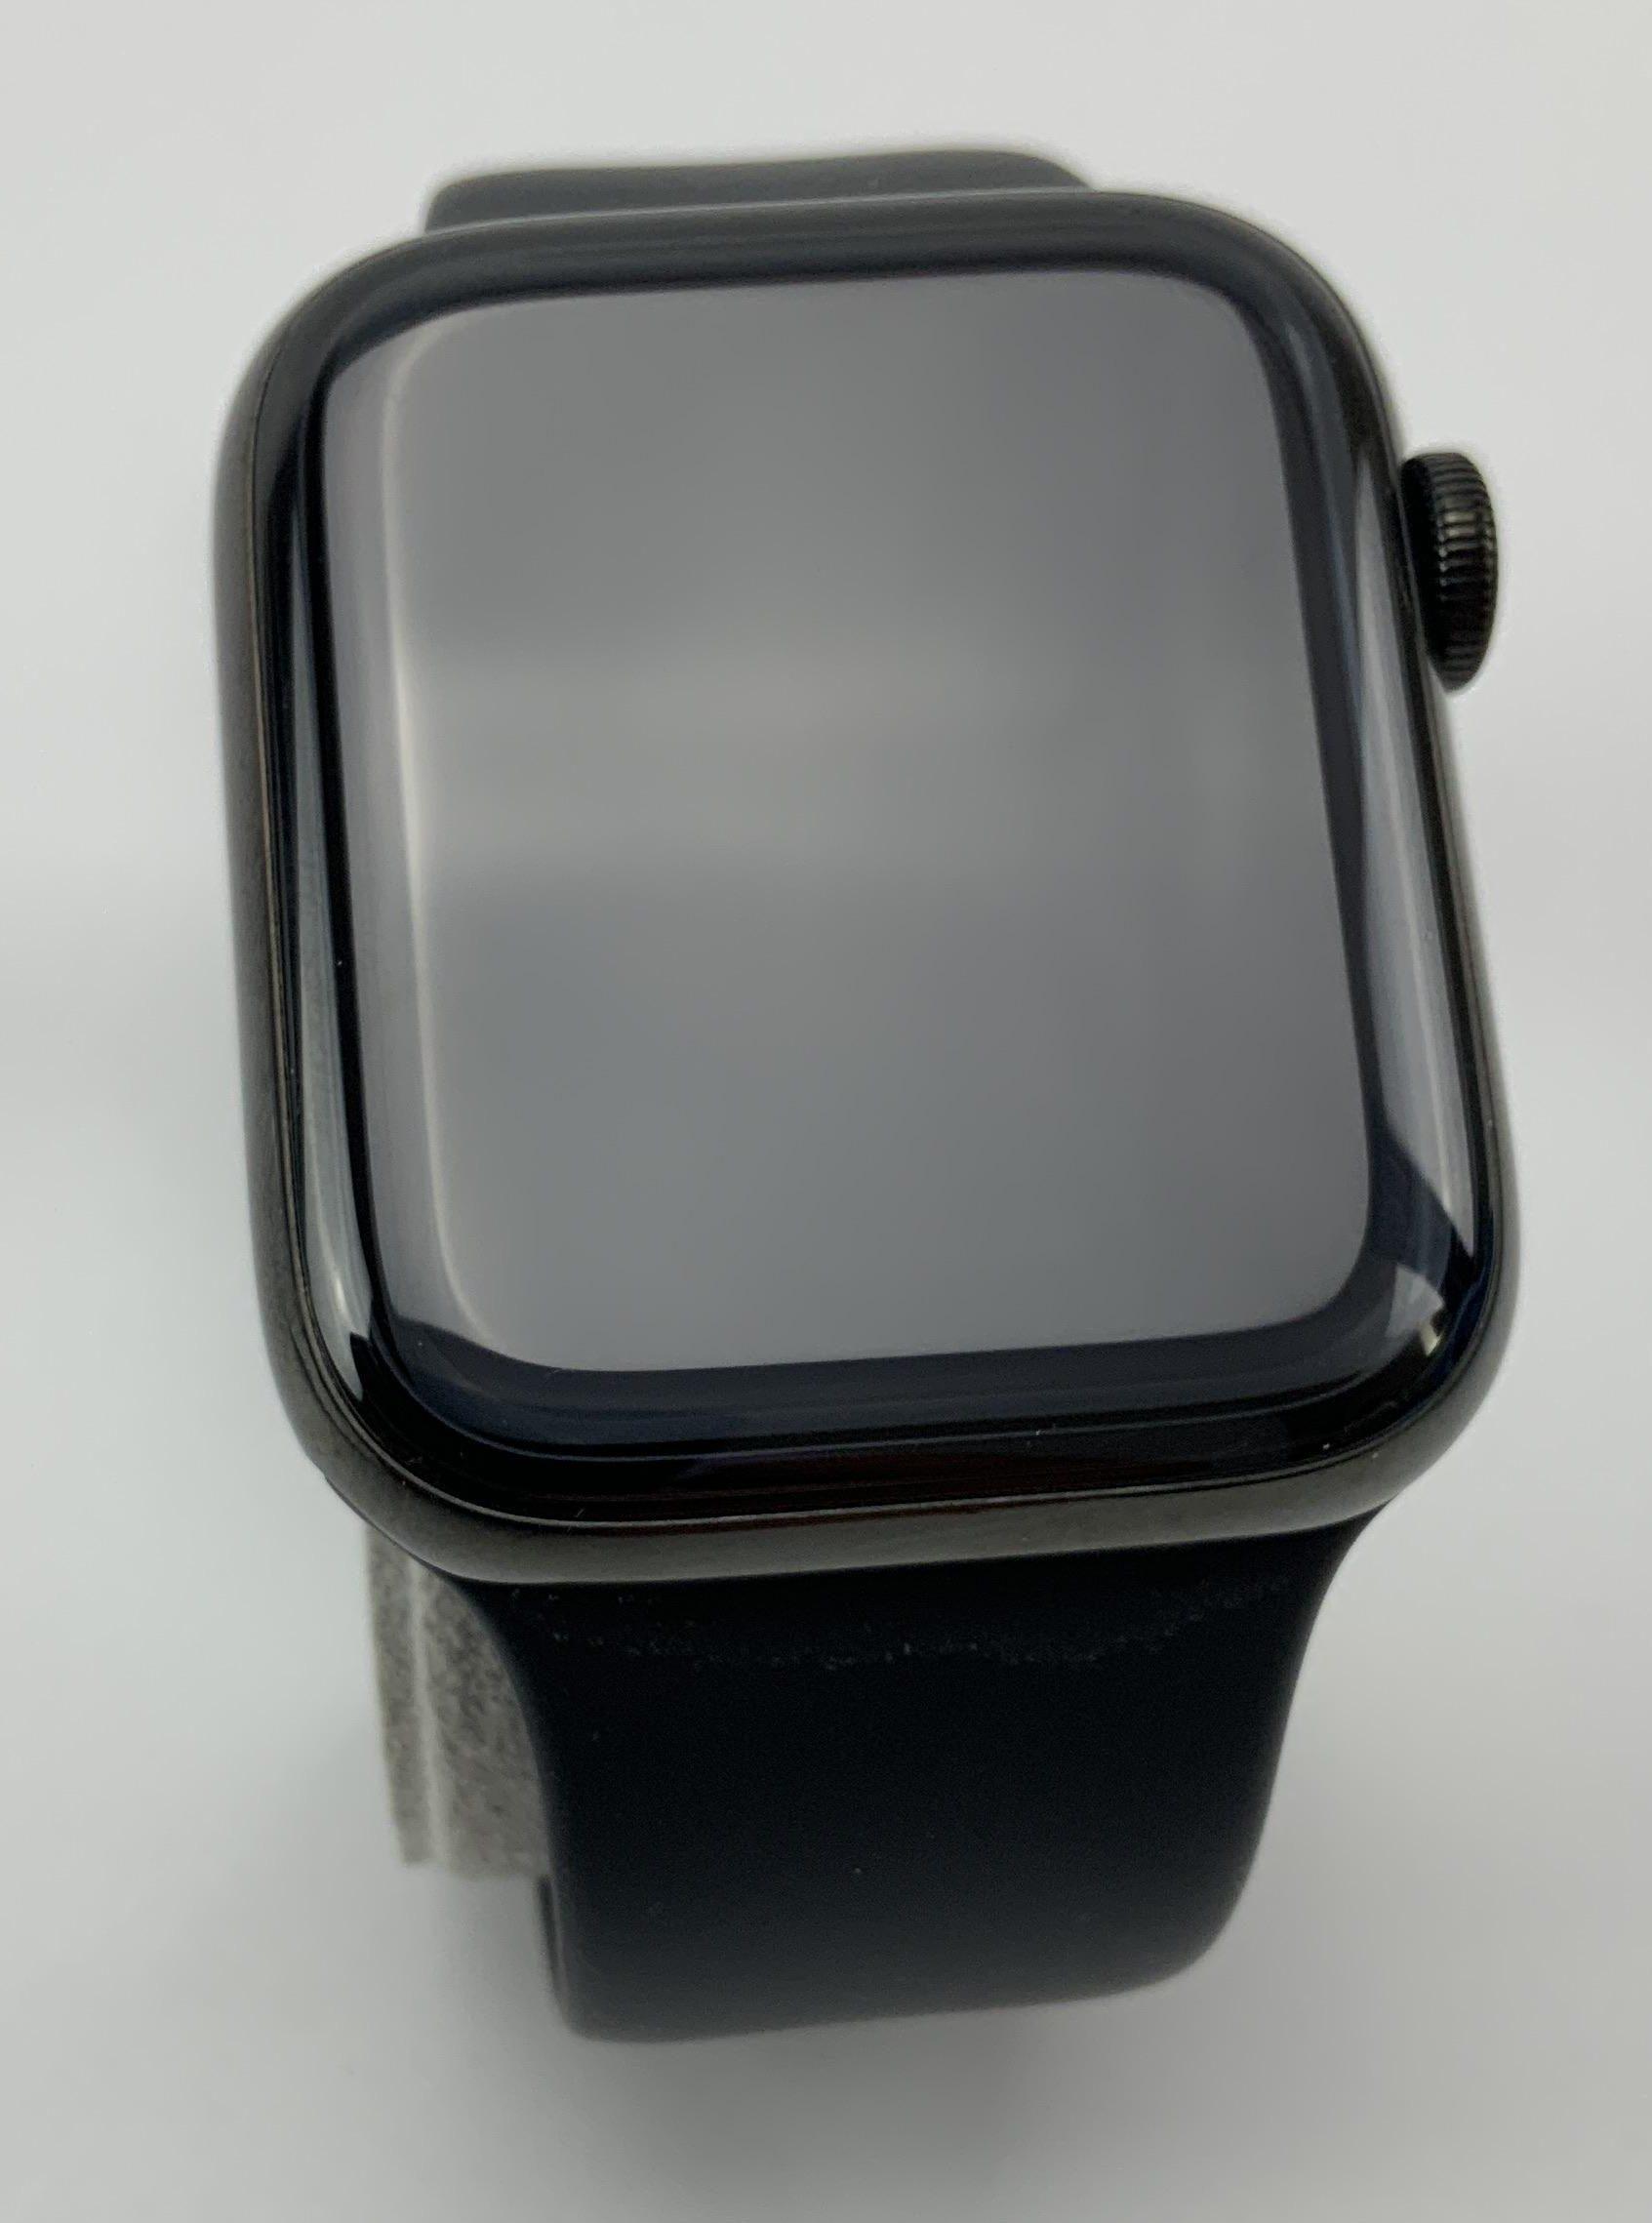 Watch Series 5 Steel Cellular (44mm), Space Black, bild 3